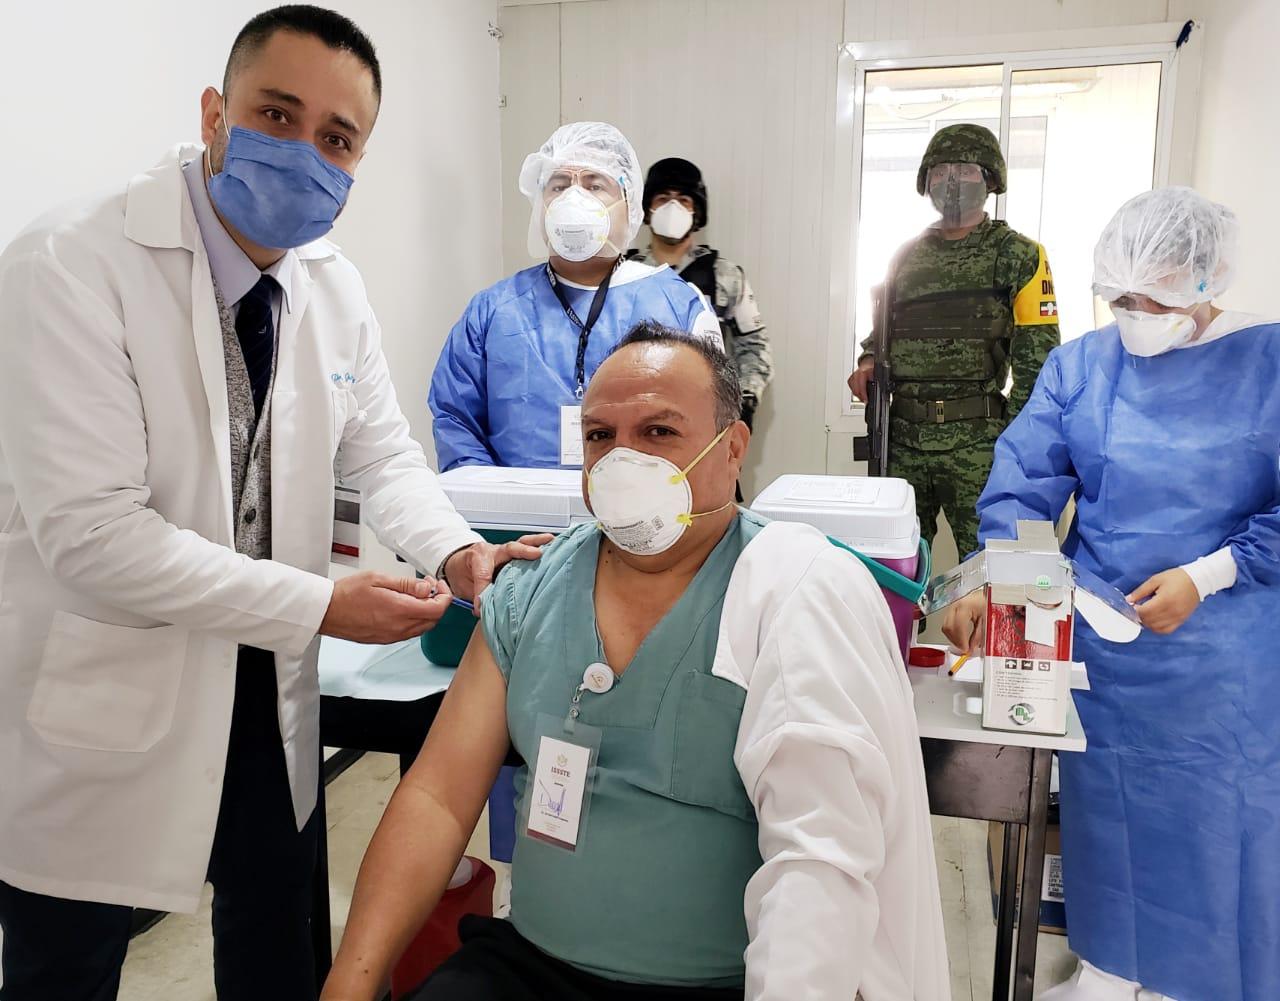 Primer médico vacunado contra COVID-19 en Clínica del ISSSTE de Xalapa